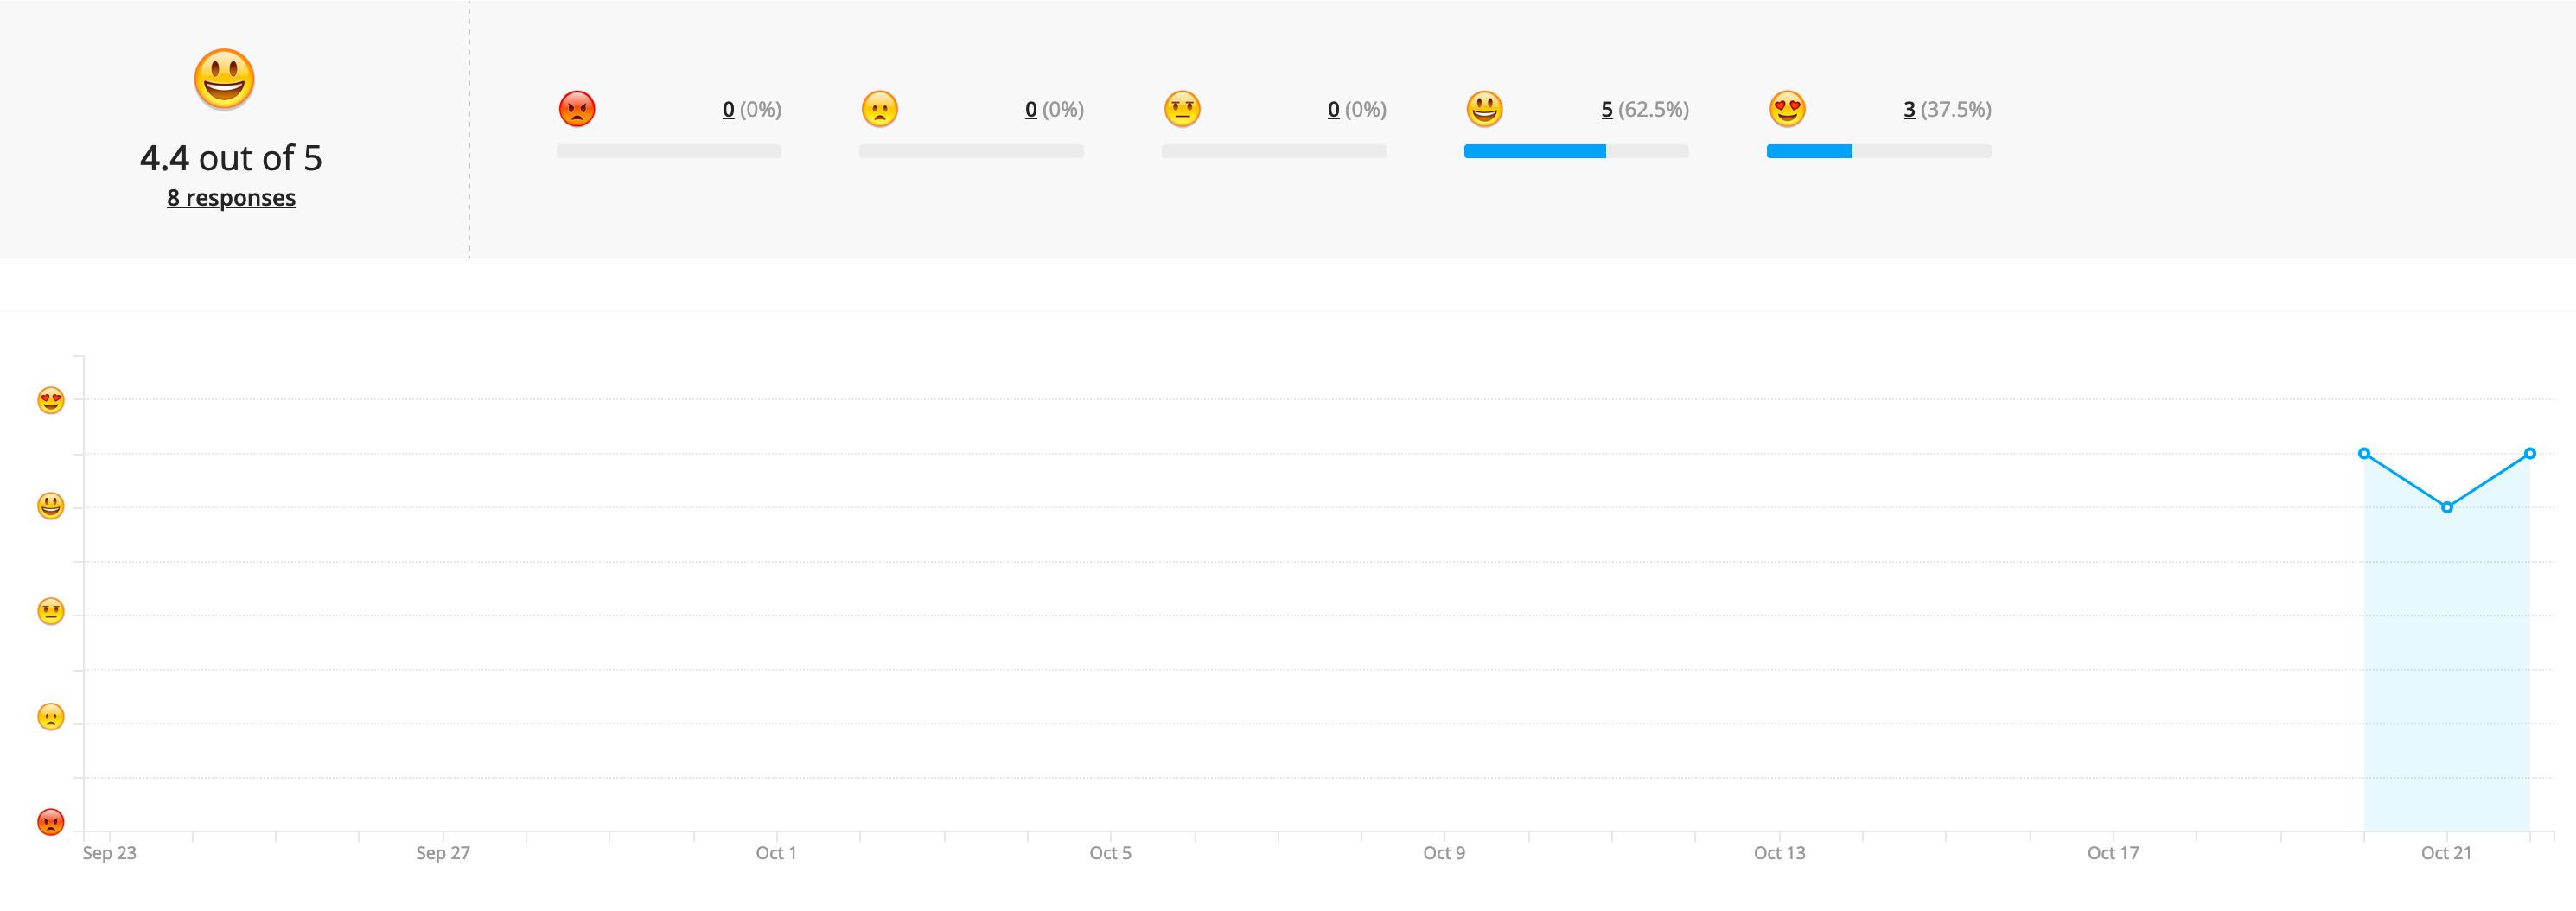 Screenshot 2020-10-22 at 17.58.16.png